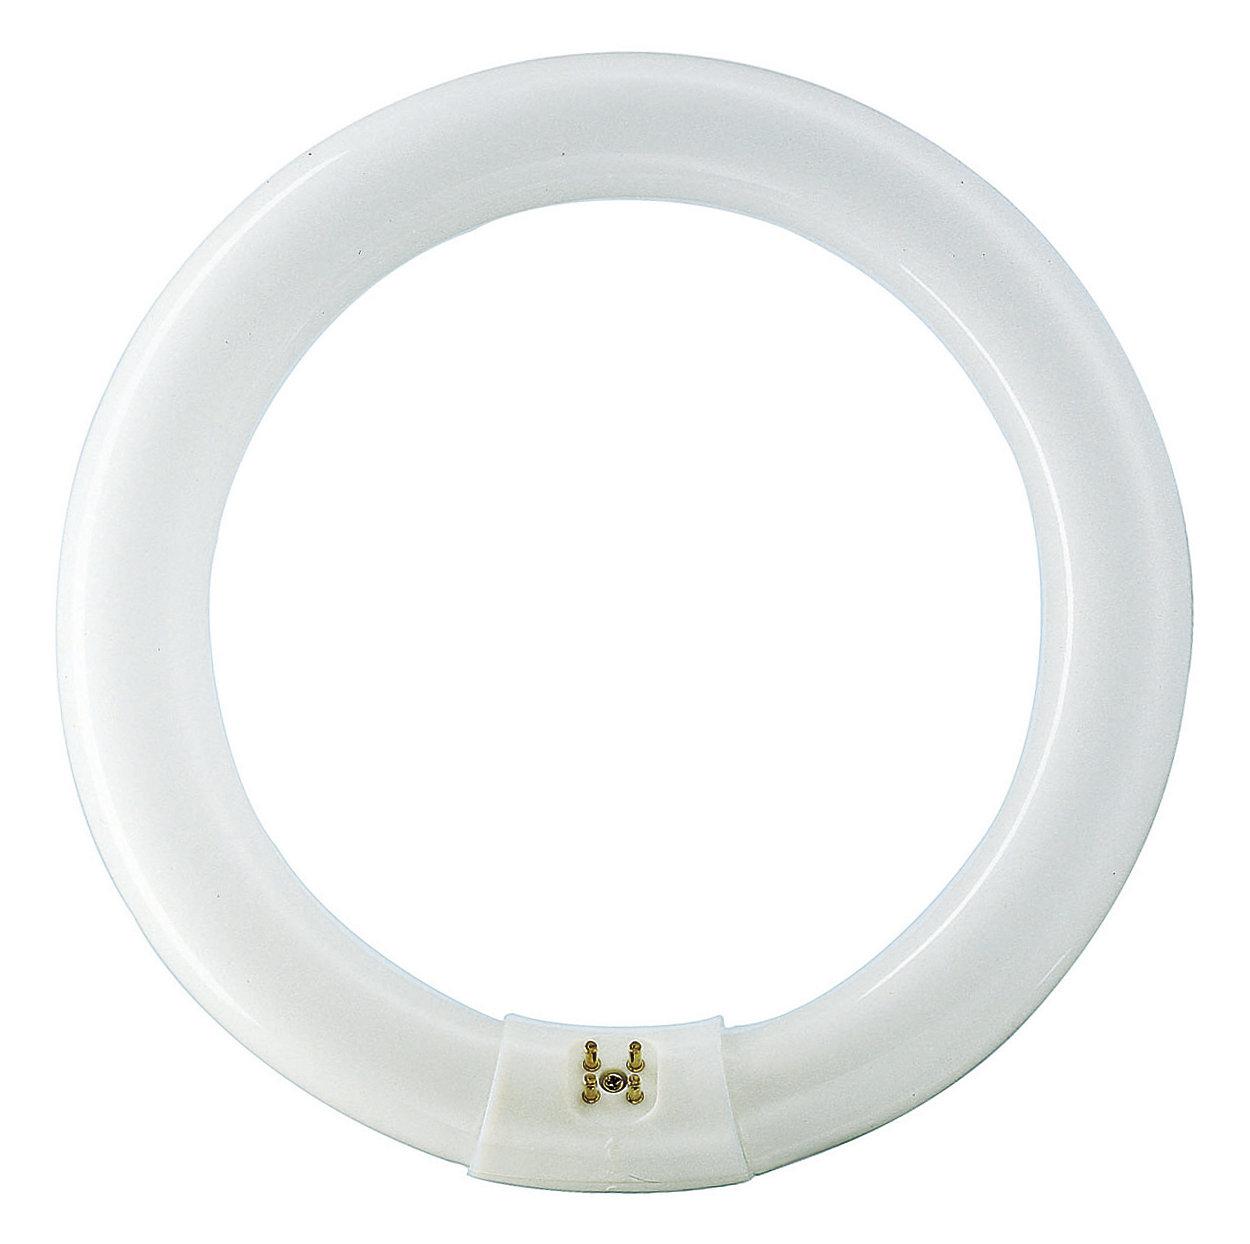 Cirkelformat lysrör med förbättrad färgåtergivning